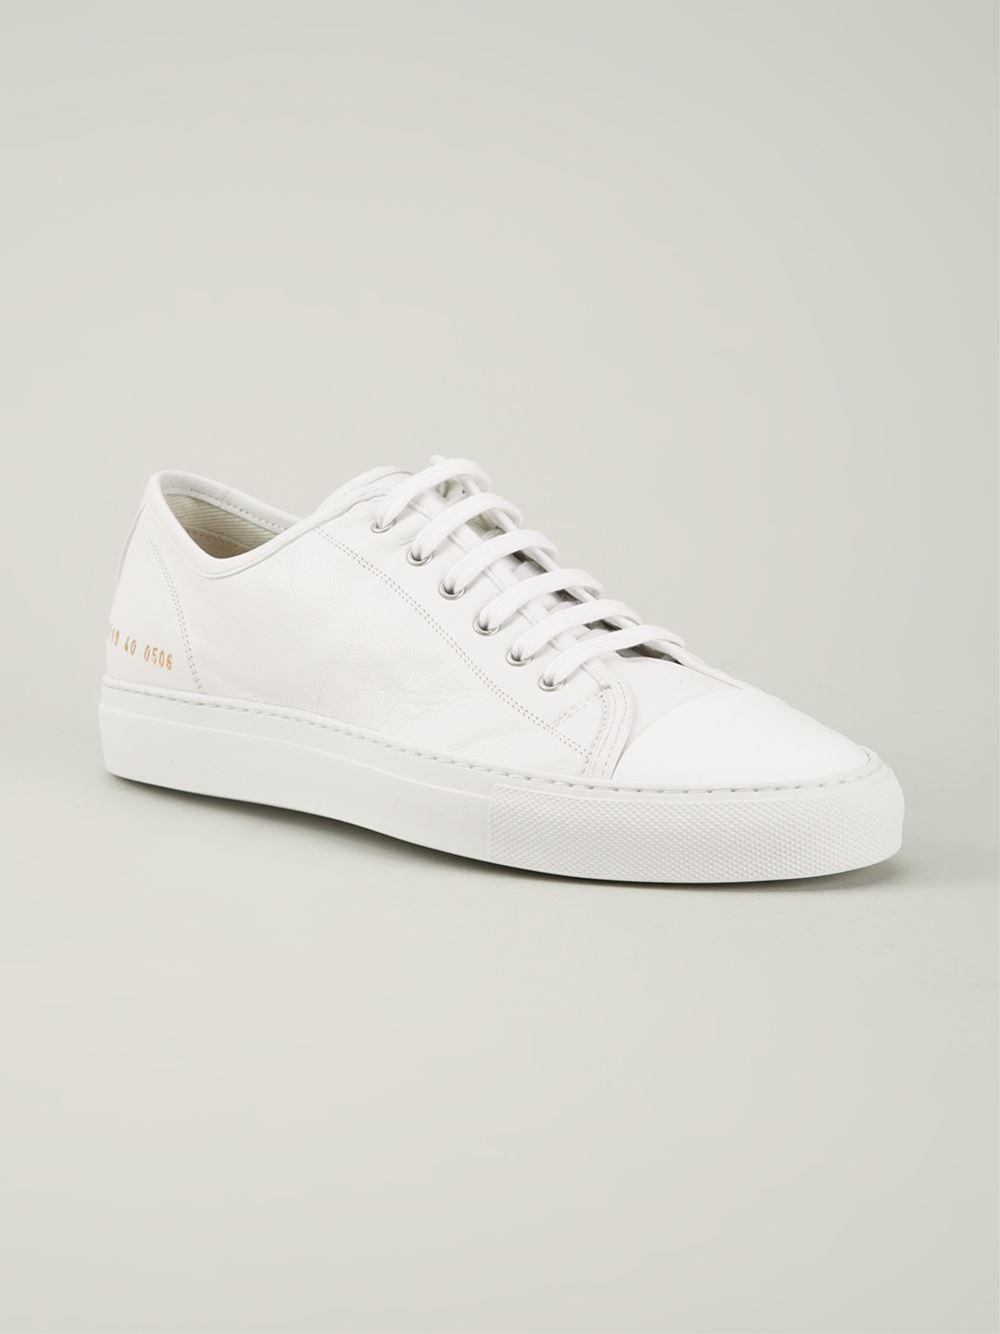 Projets Communs Lacent Chaussures De Sport - Blanc L32M5kU